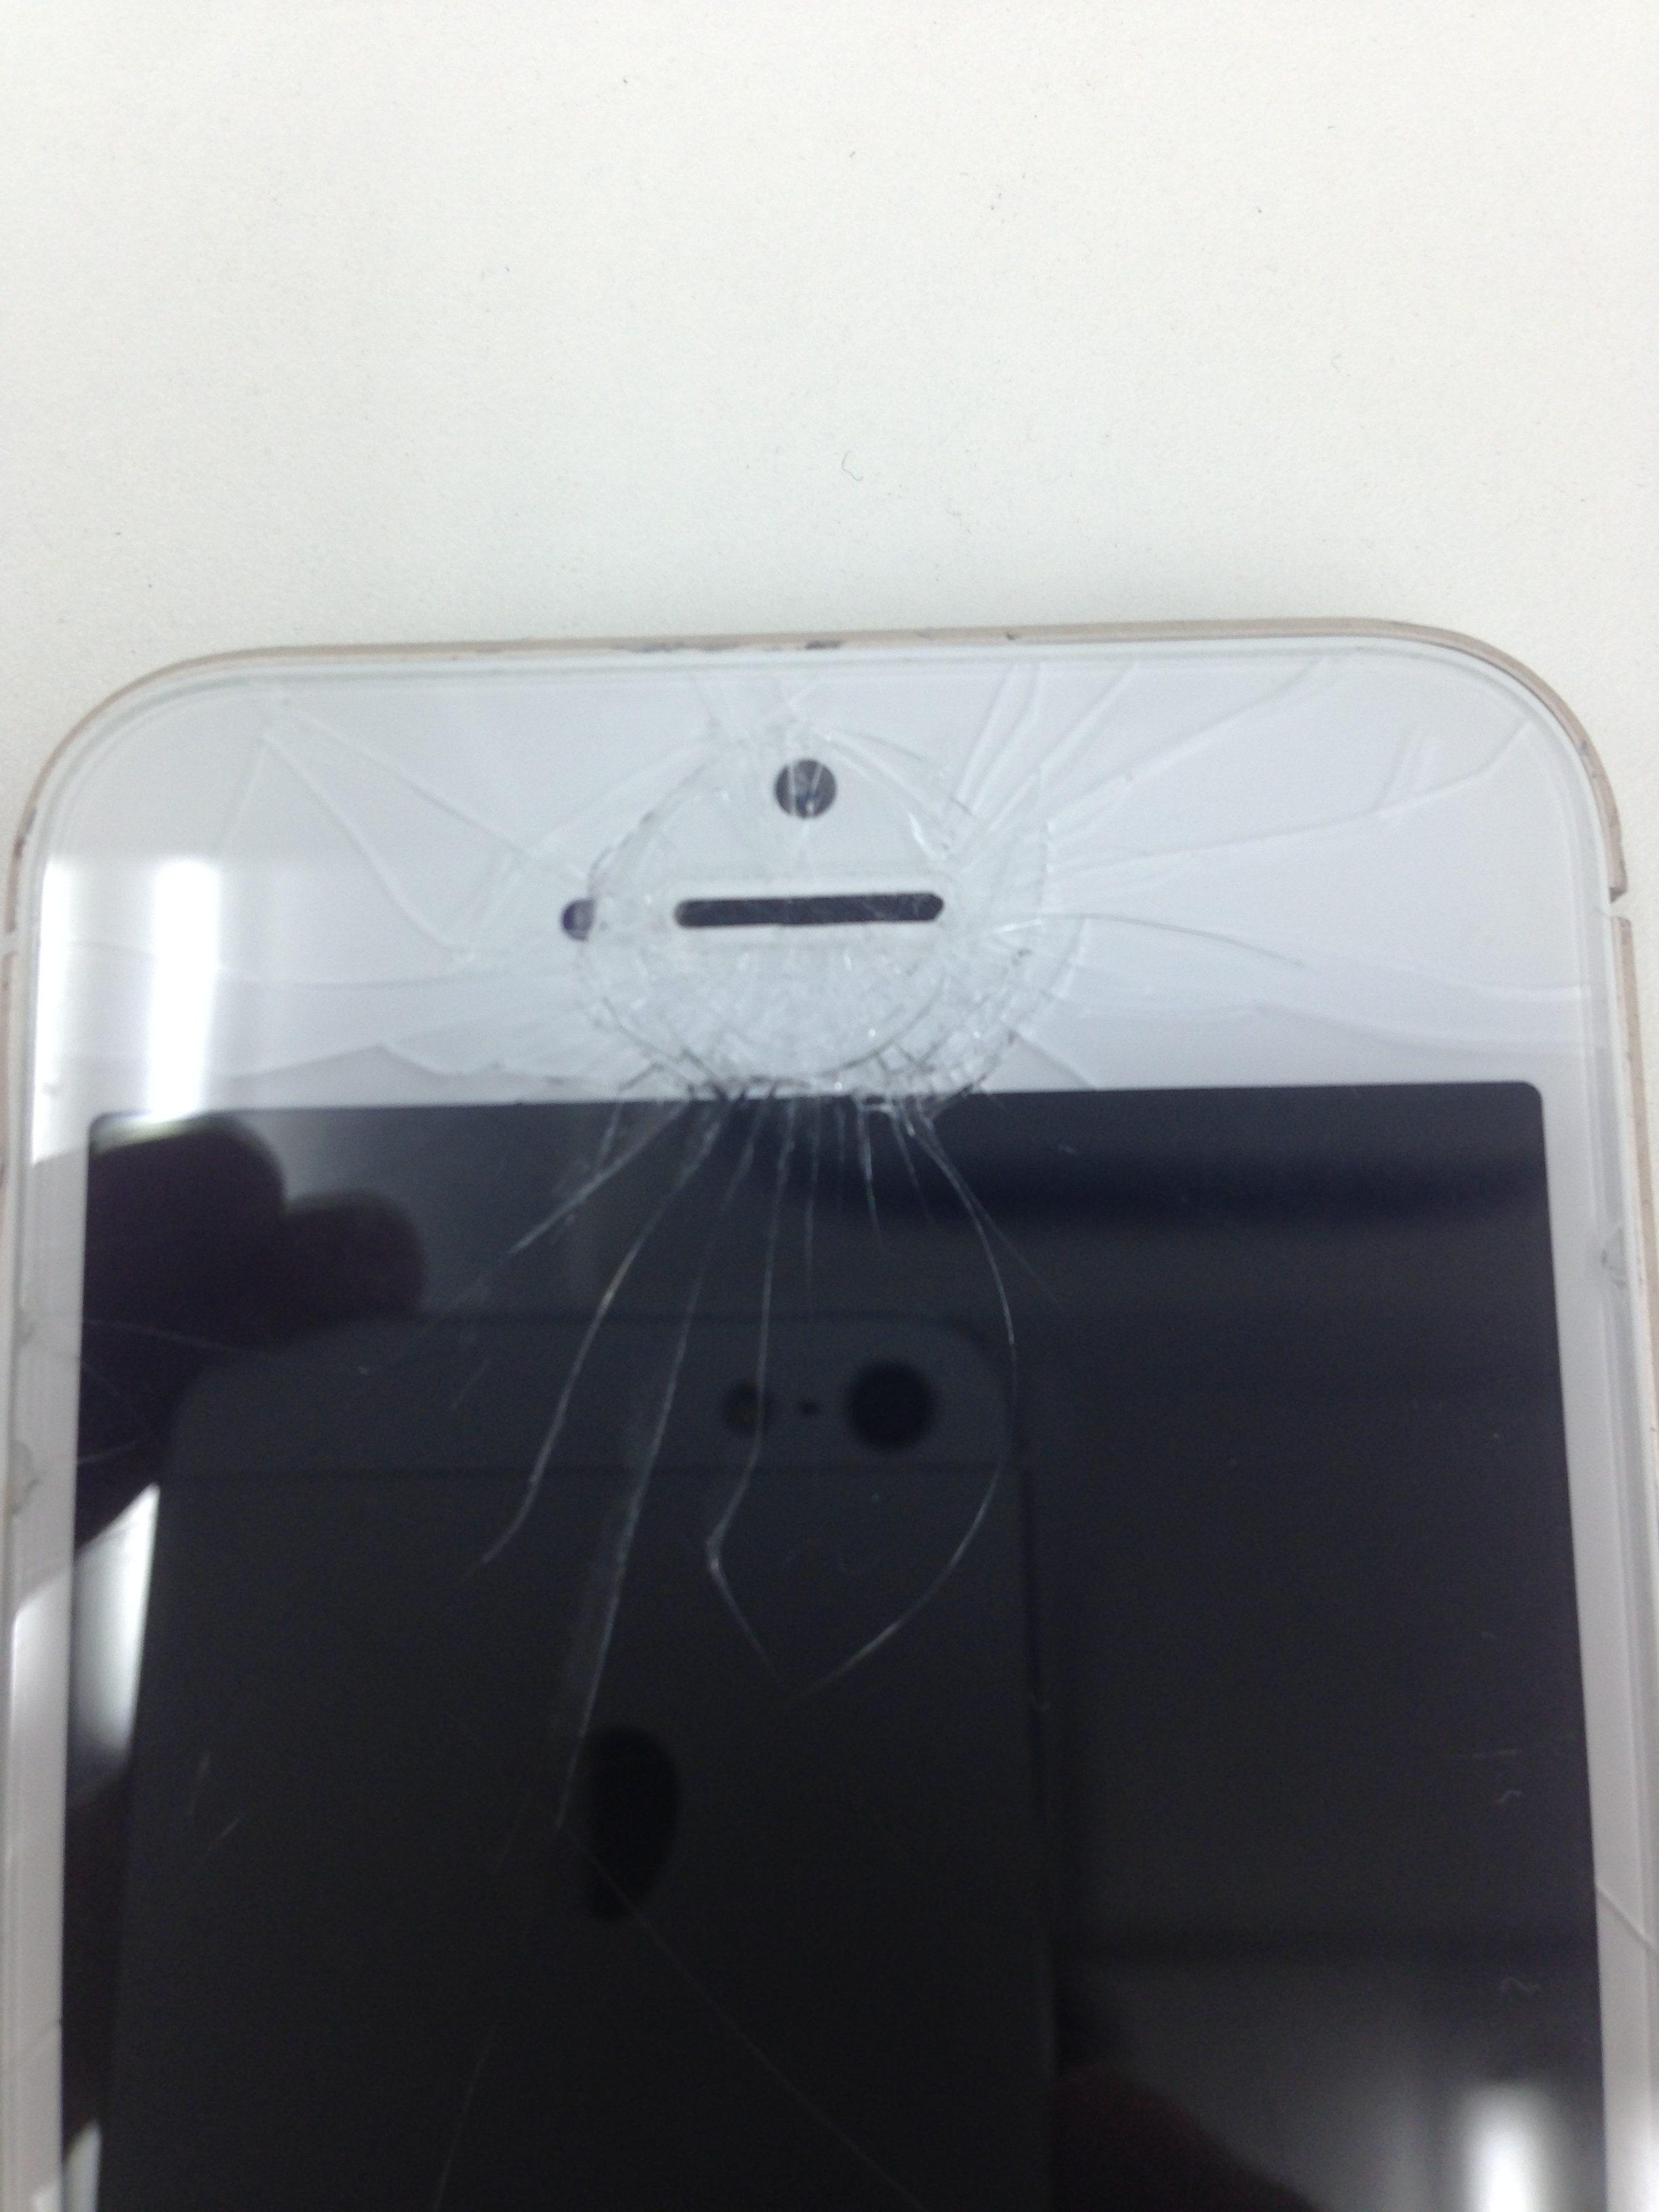 アイフォン5s画面交換前2